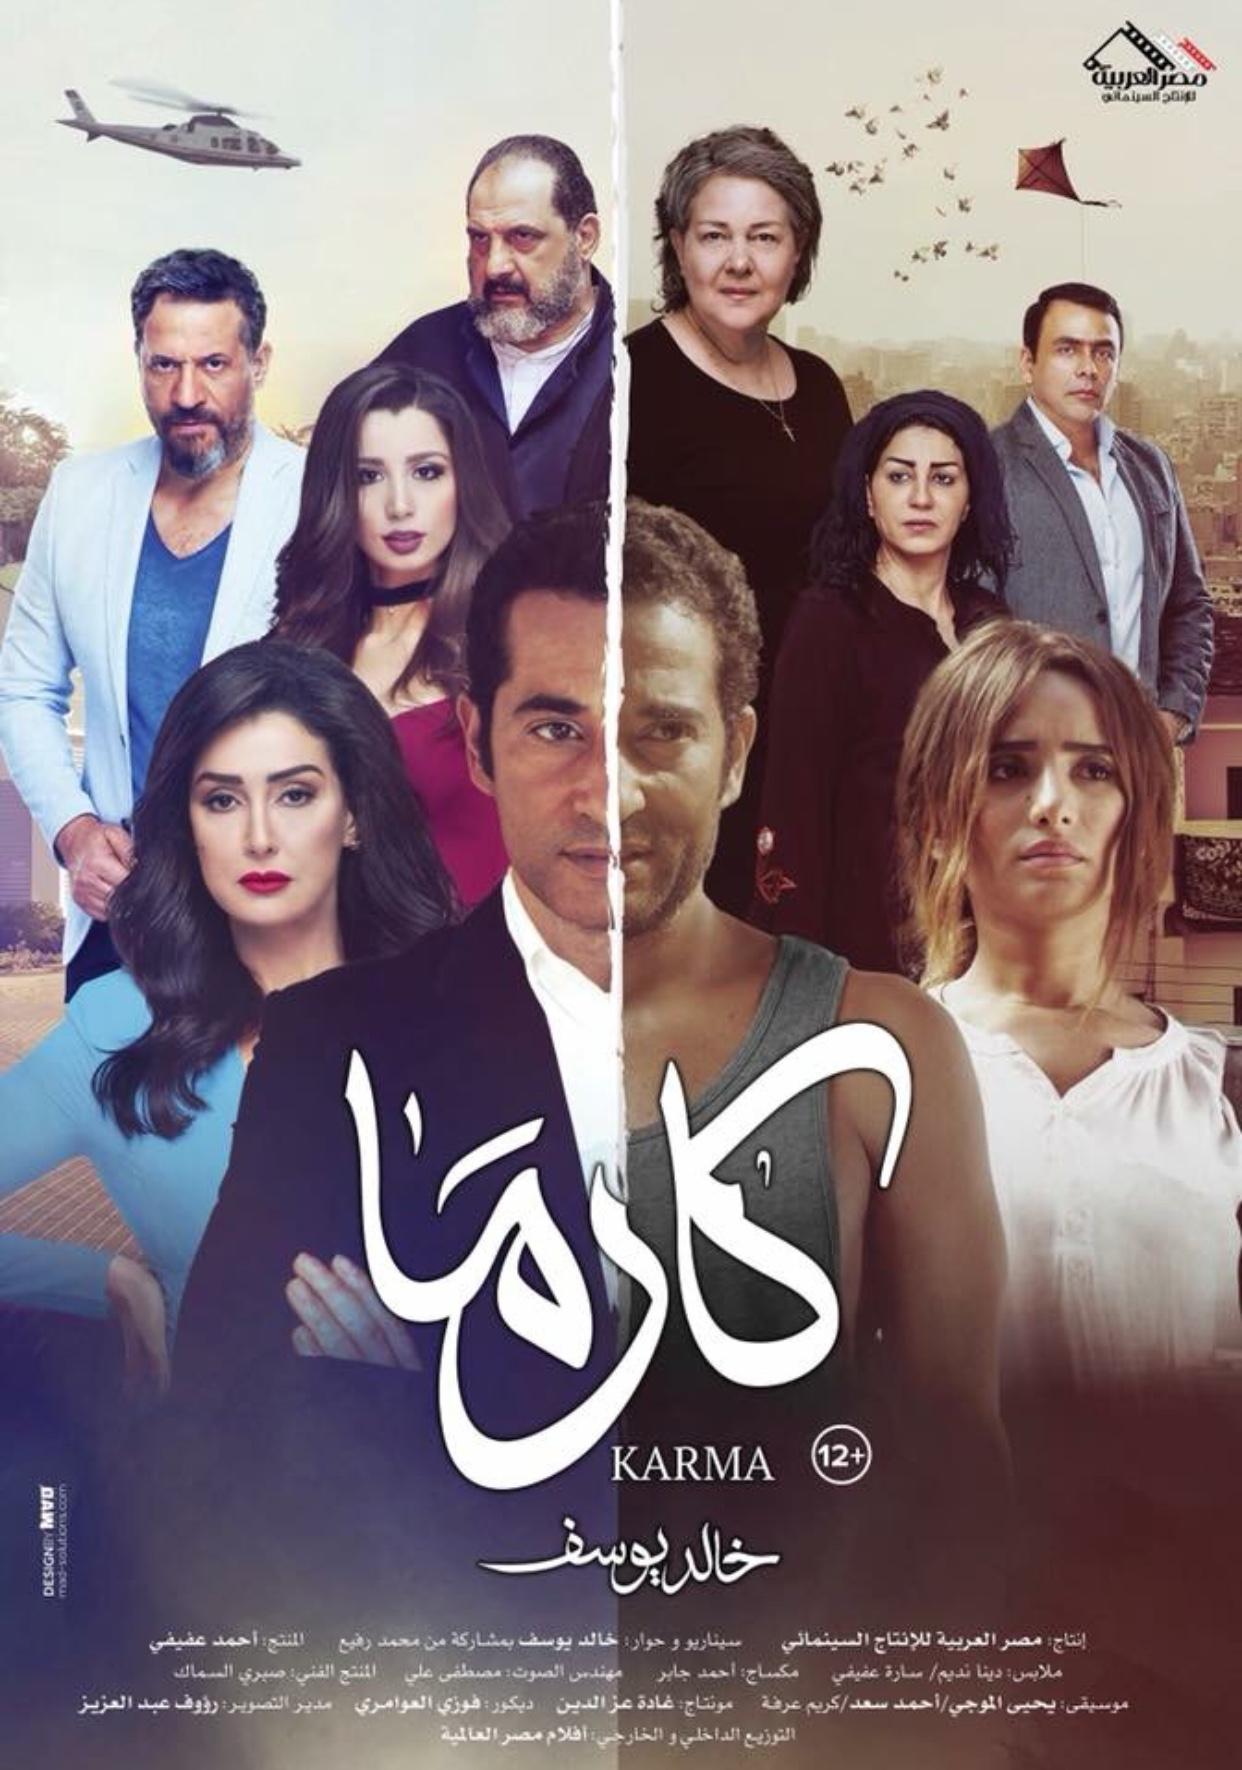 TÉLÉCHARGER FILM EGYPTIEN DOKAN CHAHATA GRATUIT